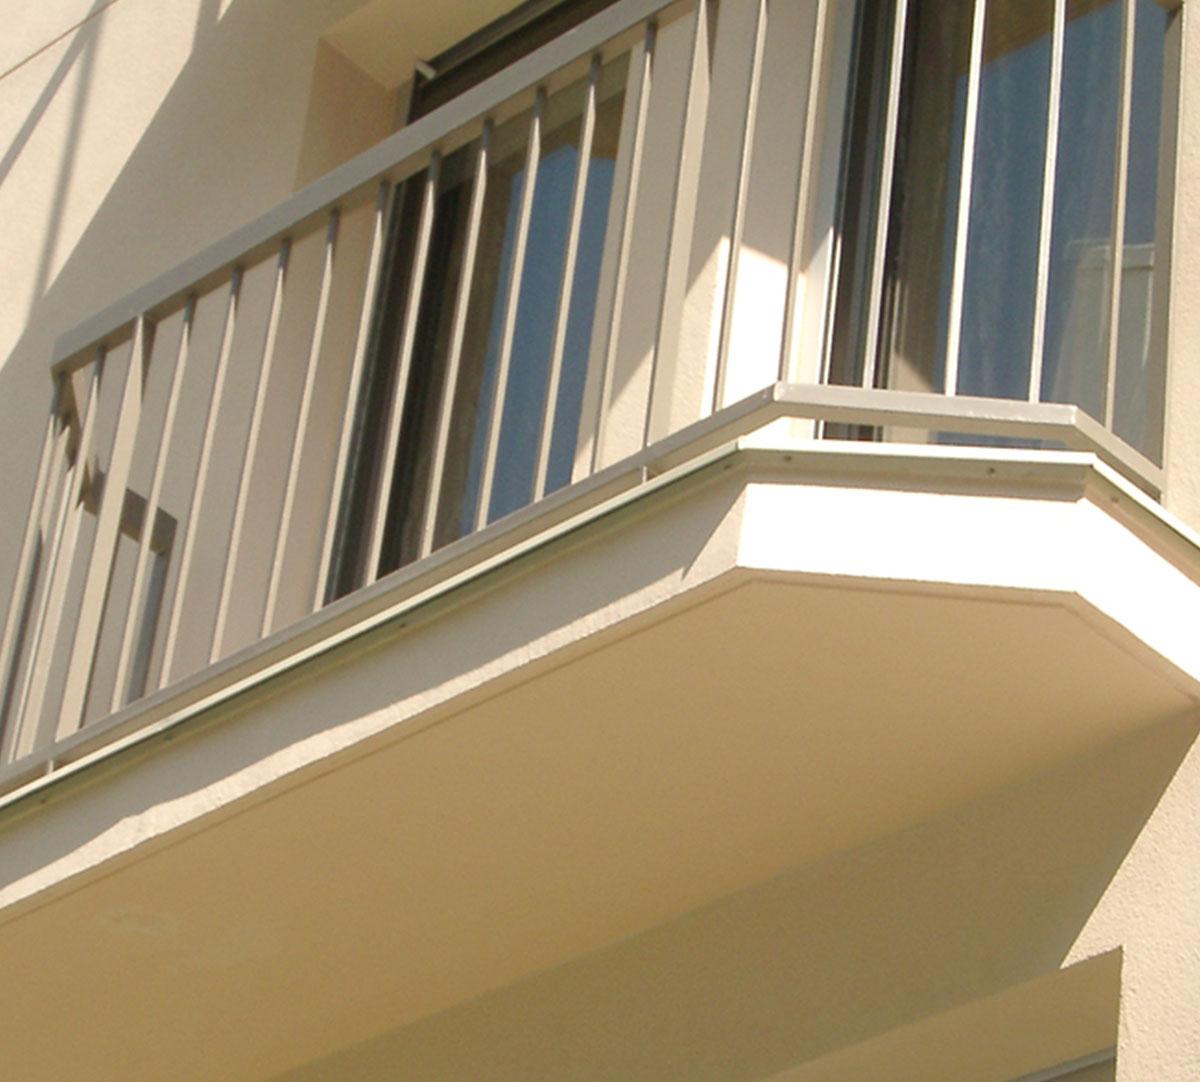 Réalisation Profilé goutte d'eau sur rive de balcon : image 1